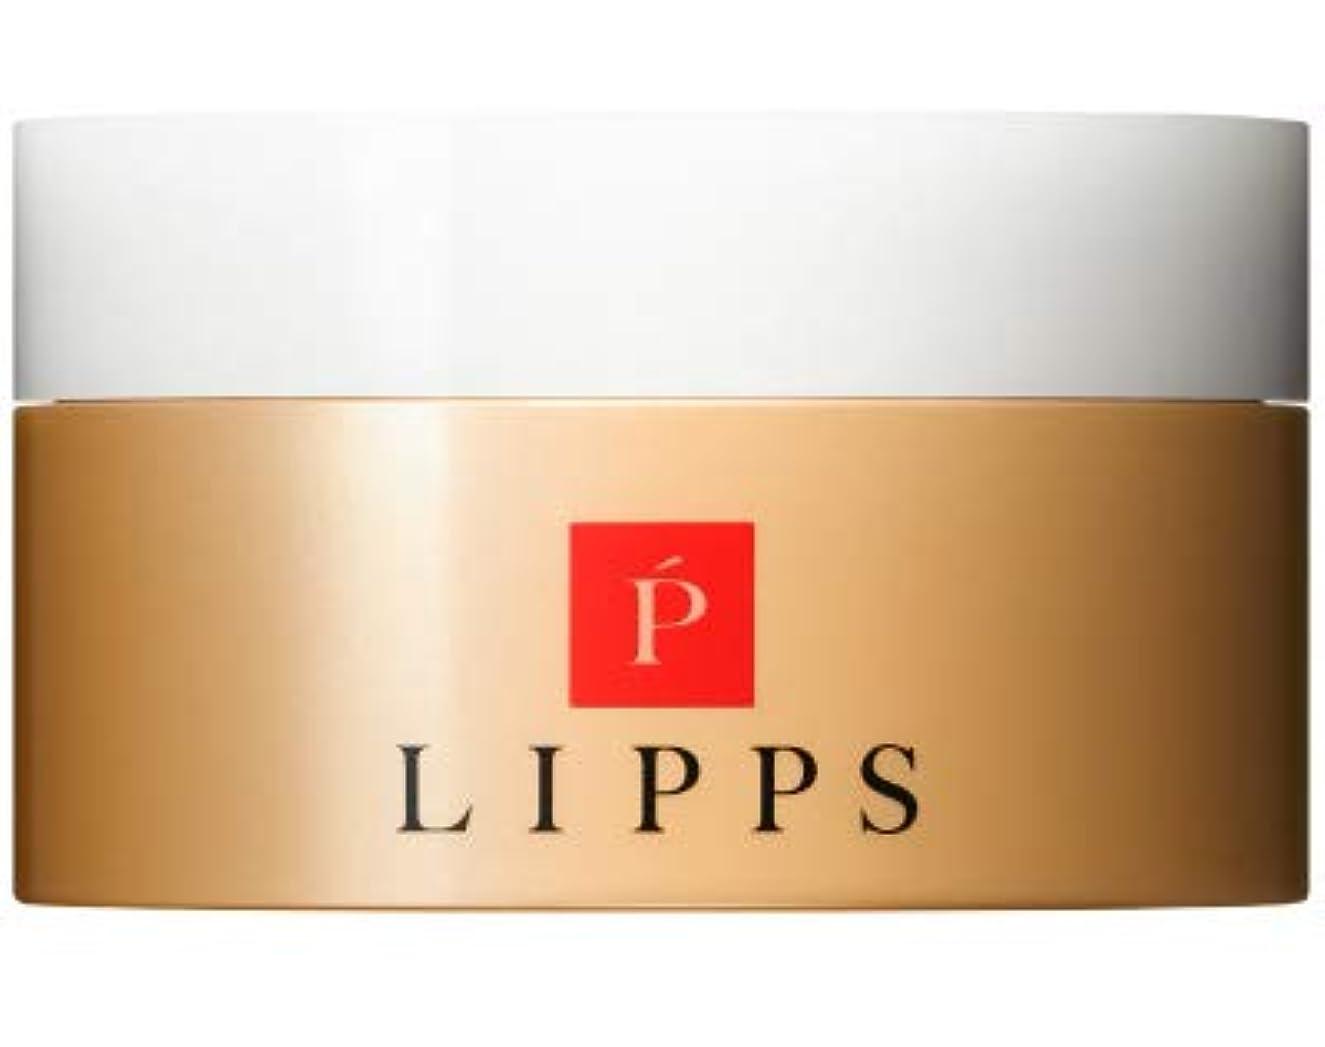 契約する耐えられない混雑【ふわっと動く×自由自在な束感】LIPPS L12フリーキープワックス (85g)